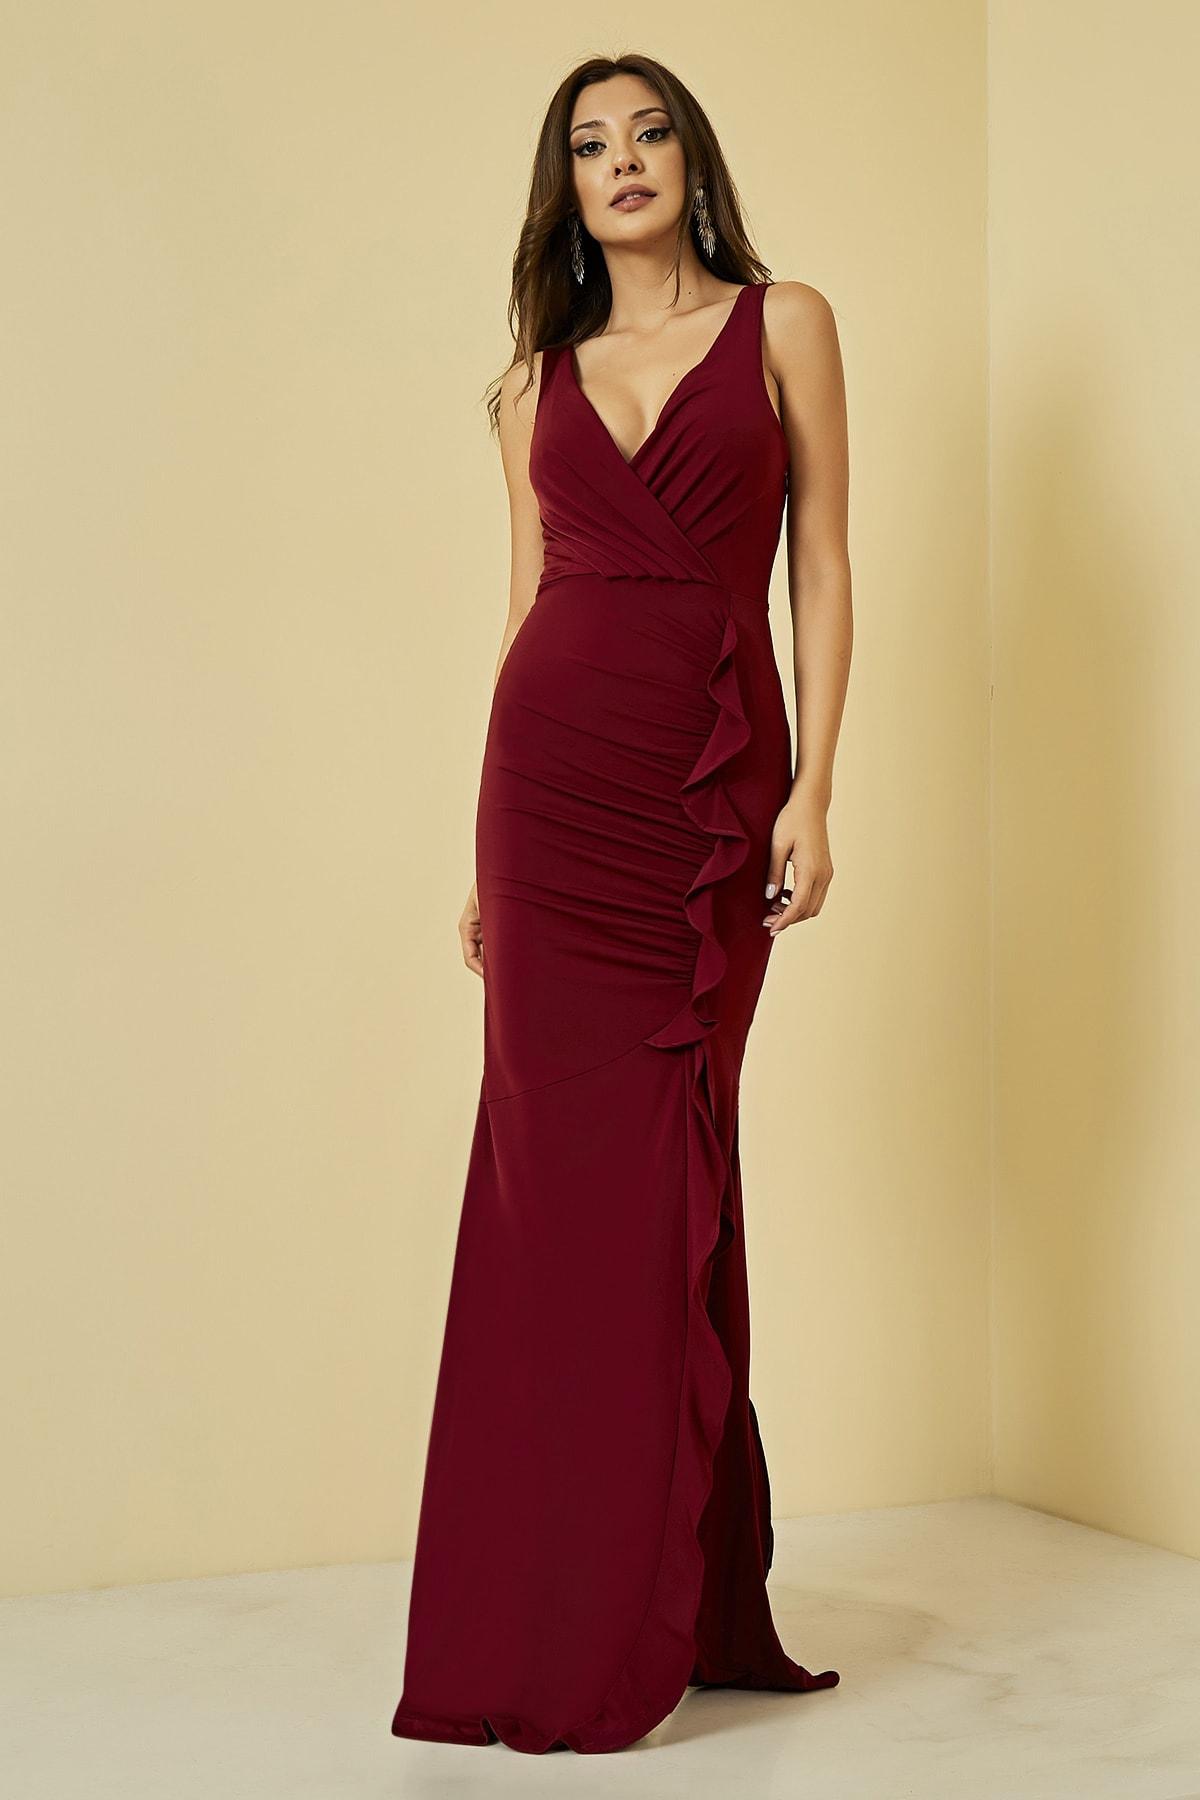 Sateen Kadın Bordo Fırfırlı Yırtmaçlı Uzun Abiye Elbise  STN107KEL120 1